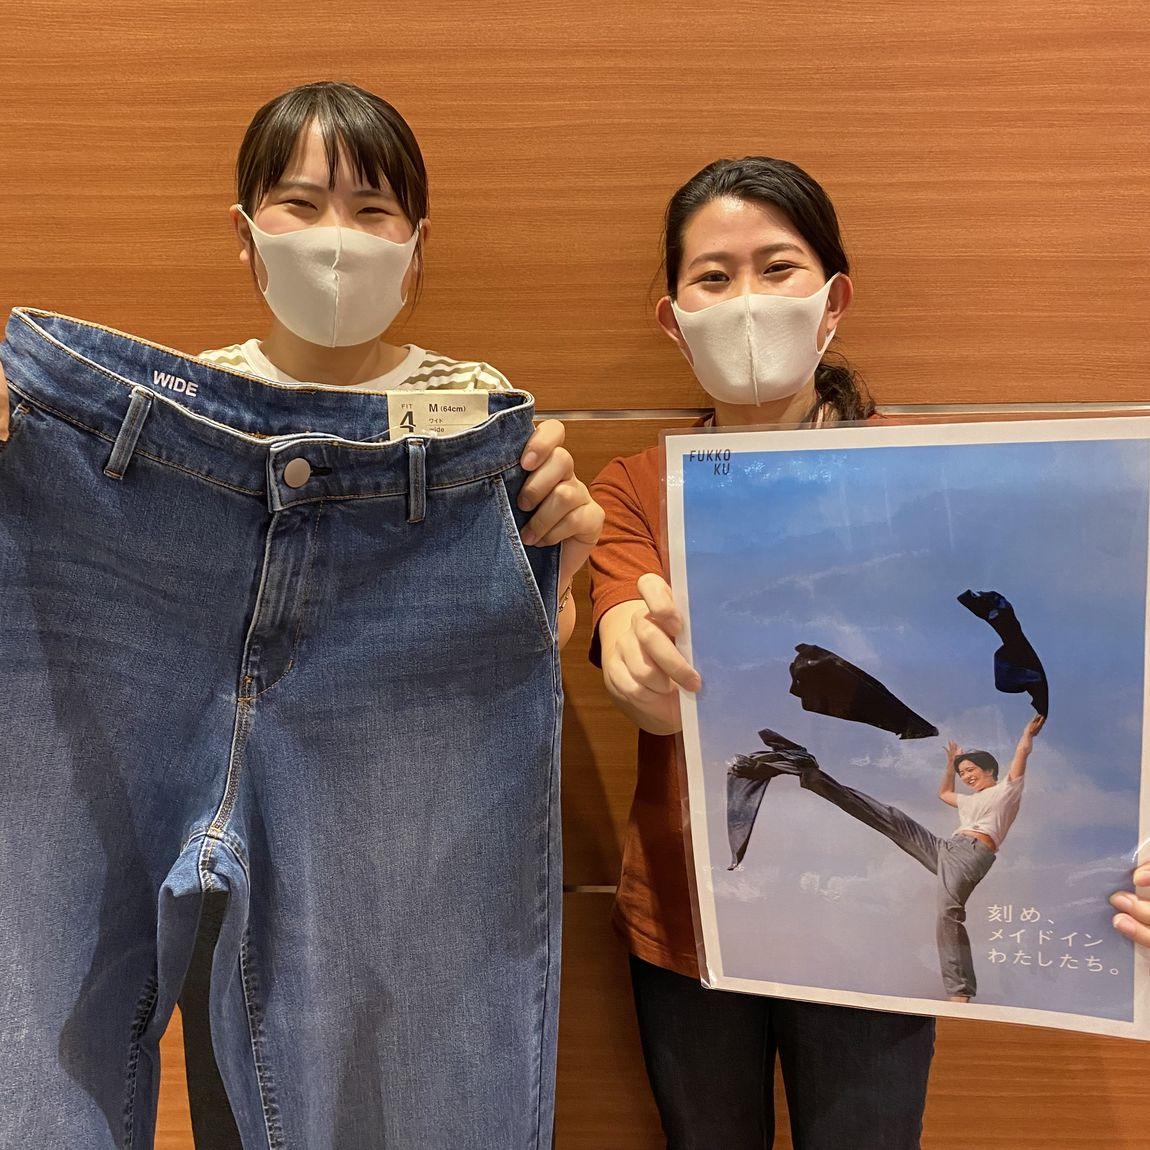 【さんすて岡山】回収の流れ FUKKOKUデニム回収プロジェクト